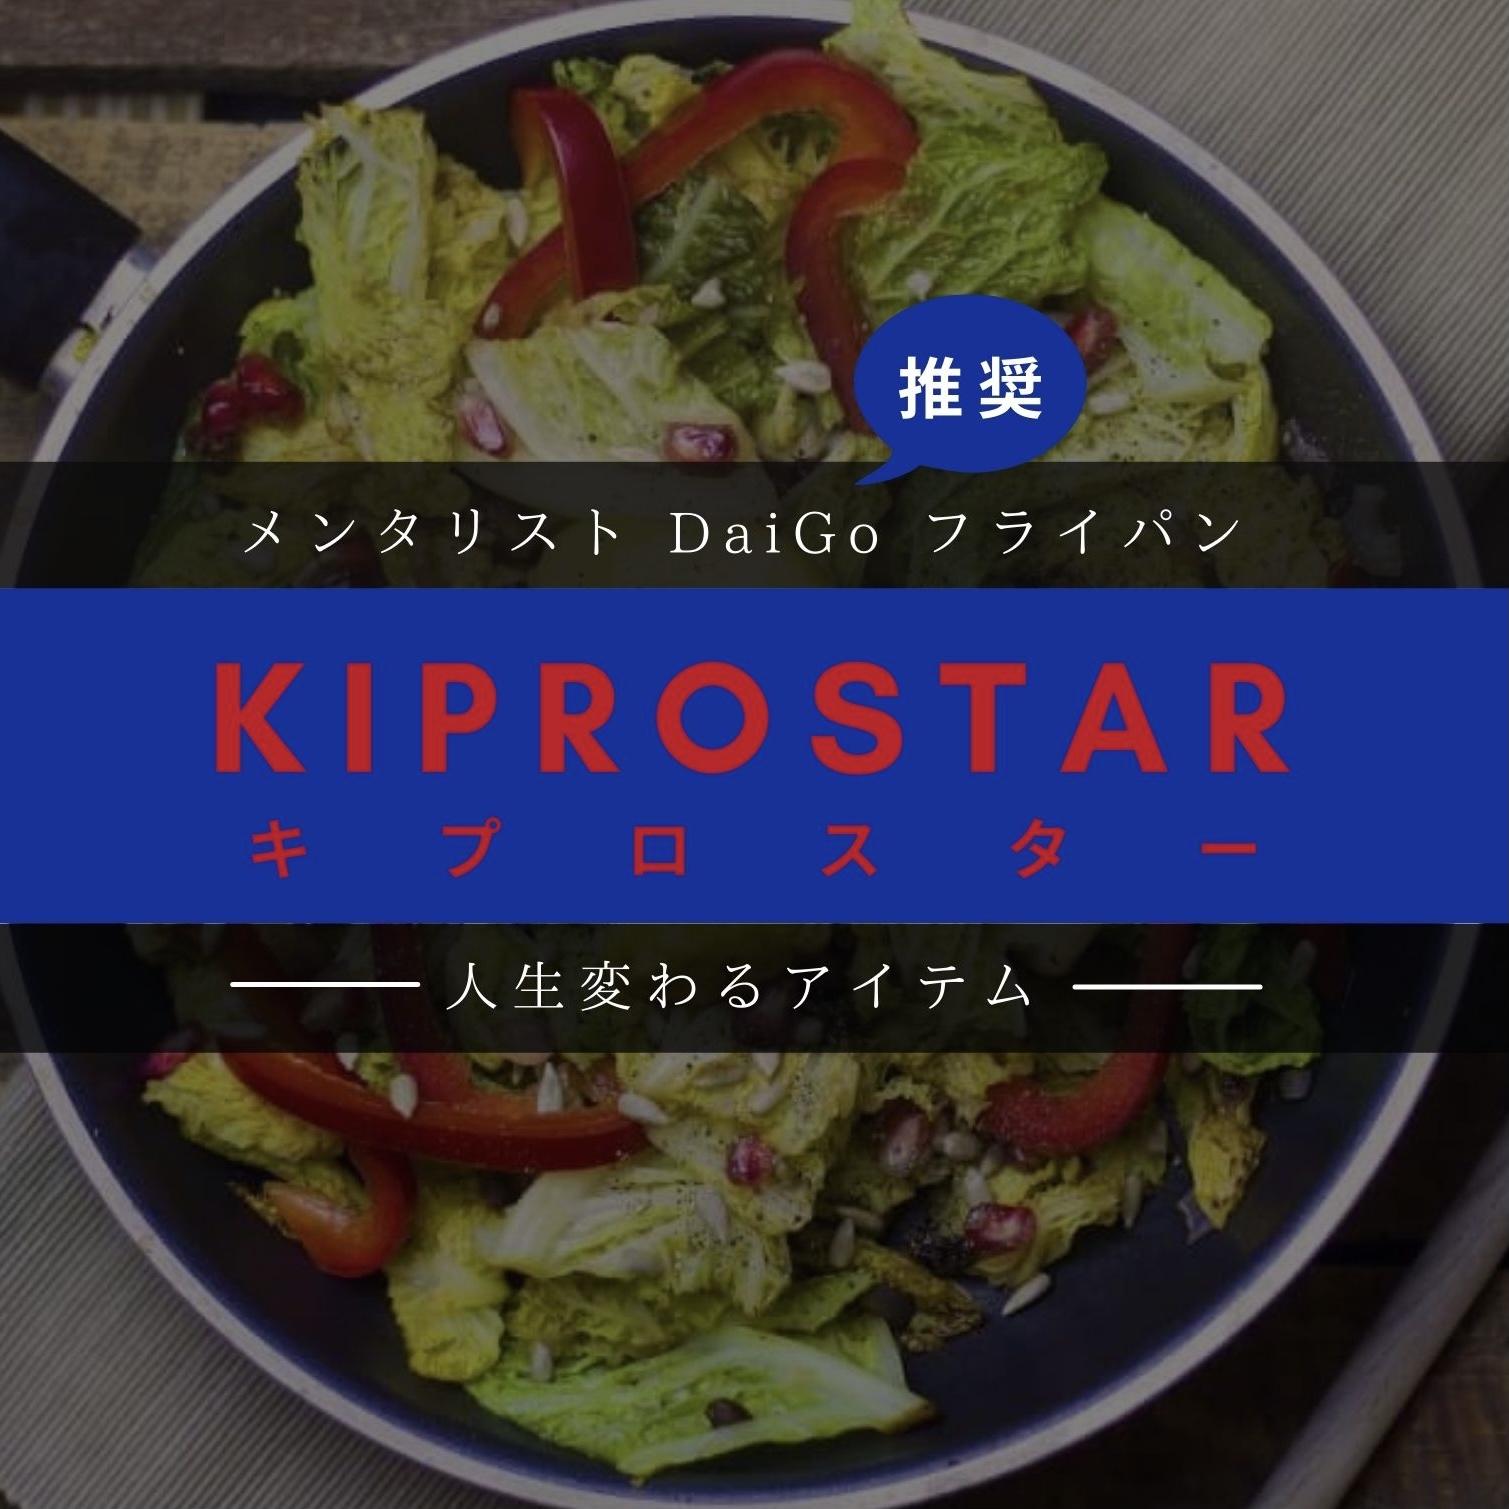 【メンタリストDaiGo】愛用フライパン『人生変わるアイテム』【KIPROSTER】